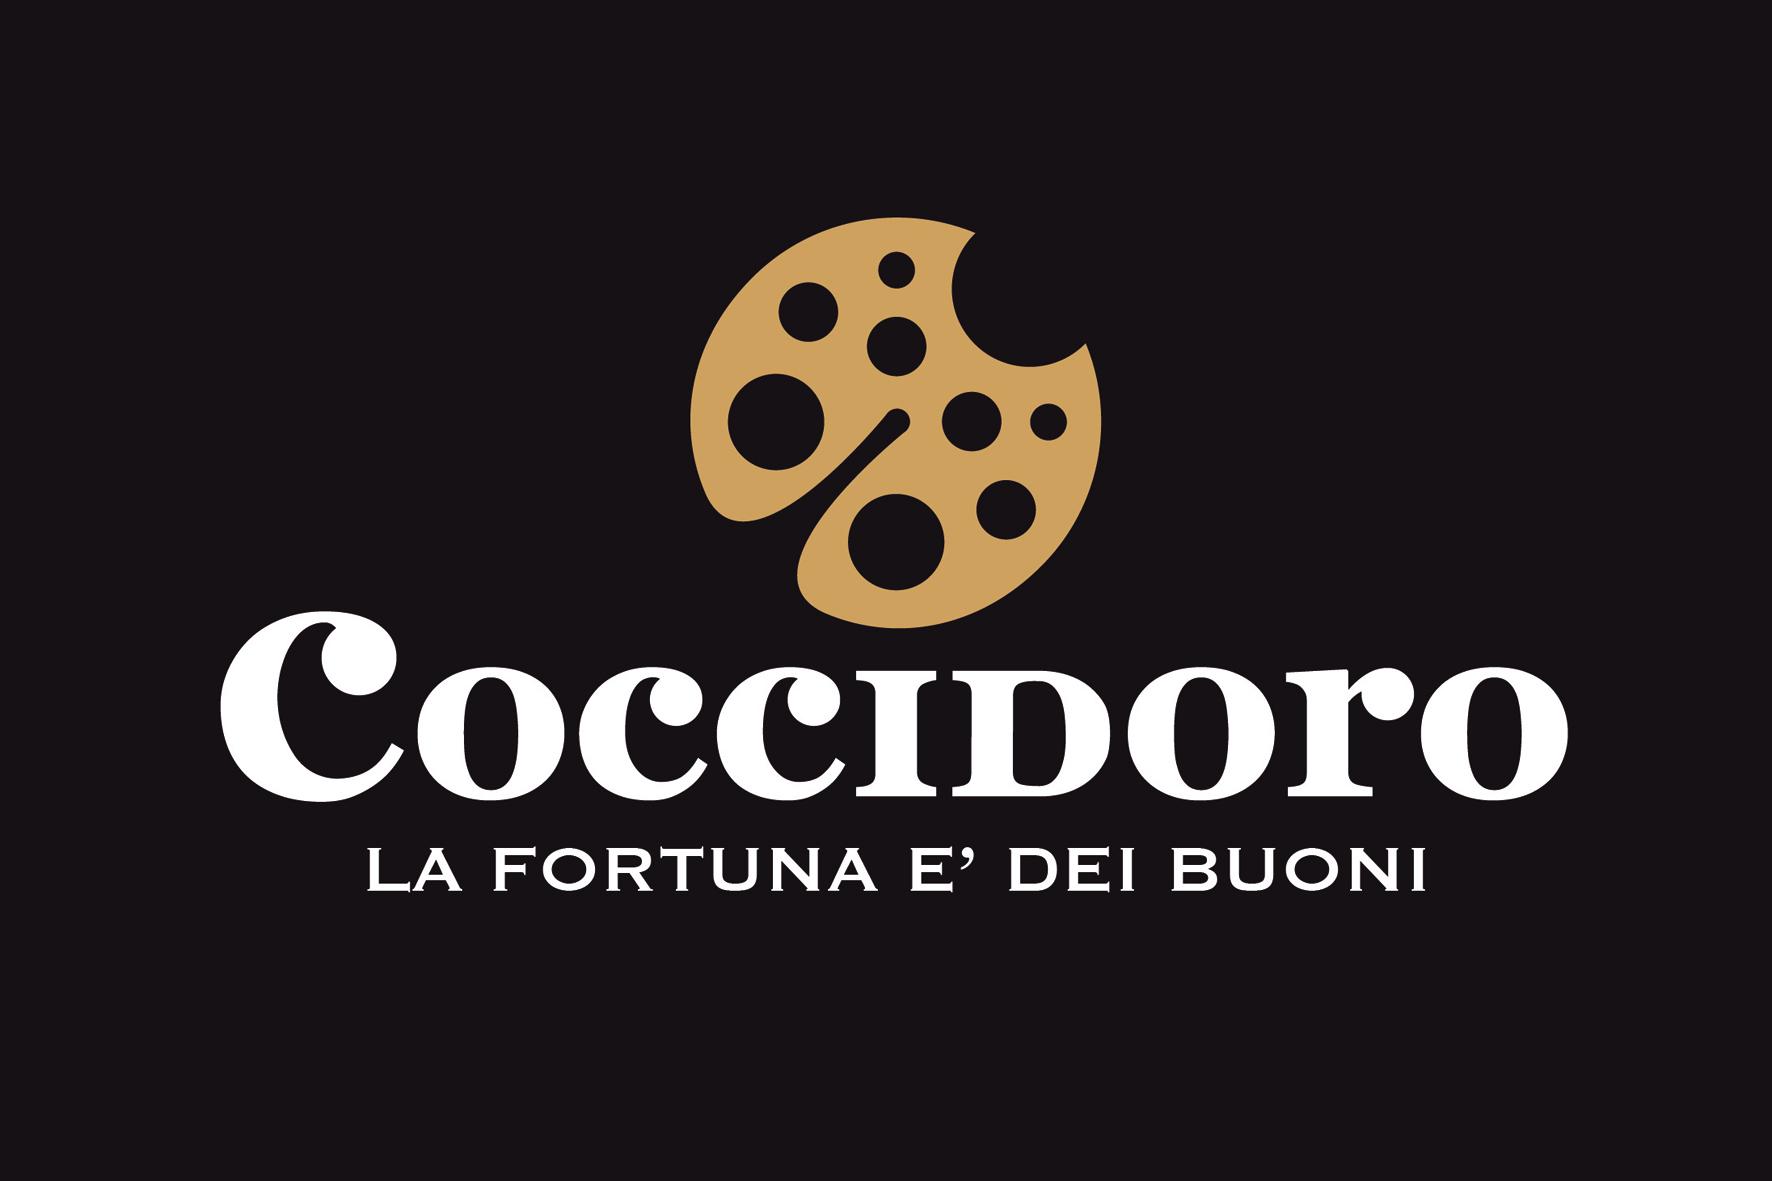 Coccidoro